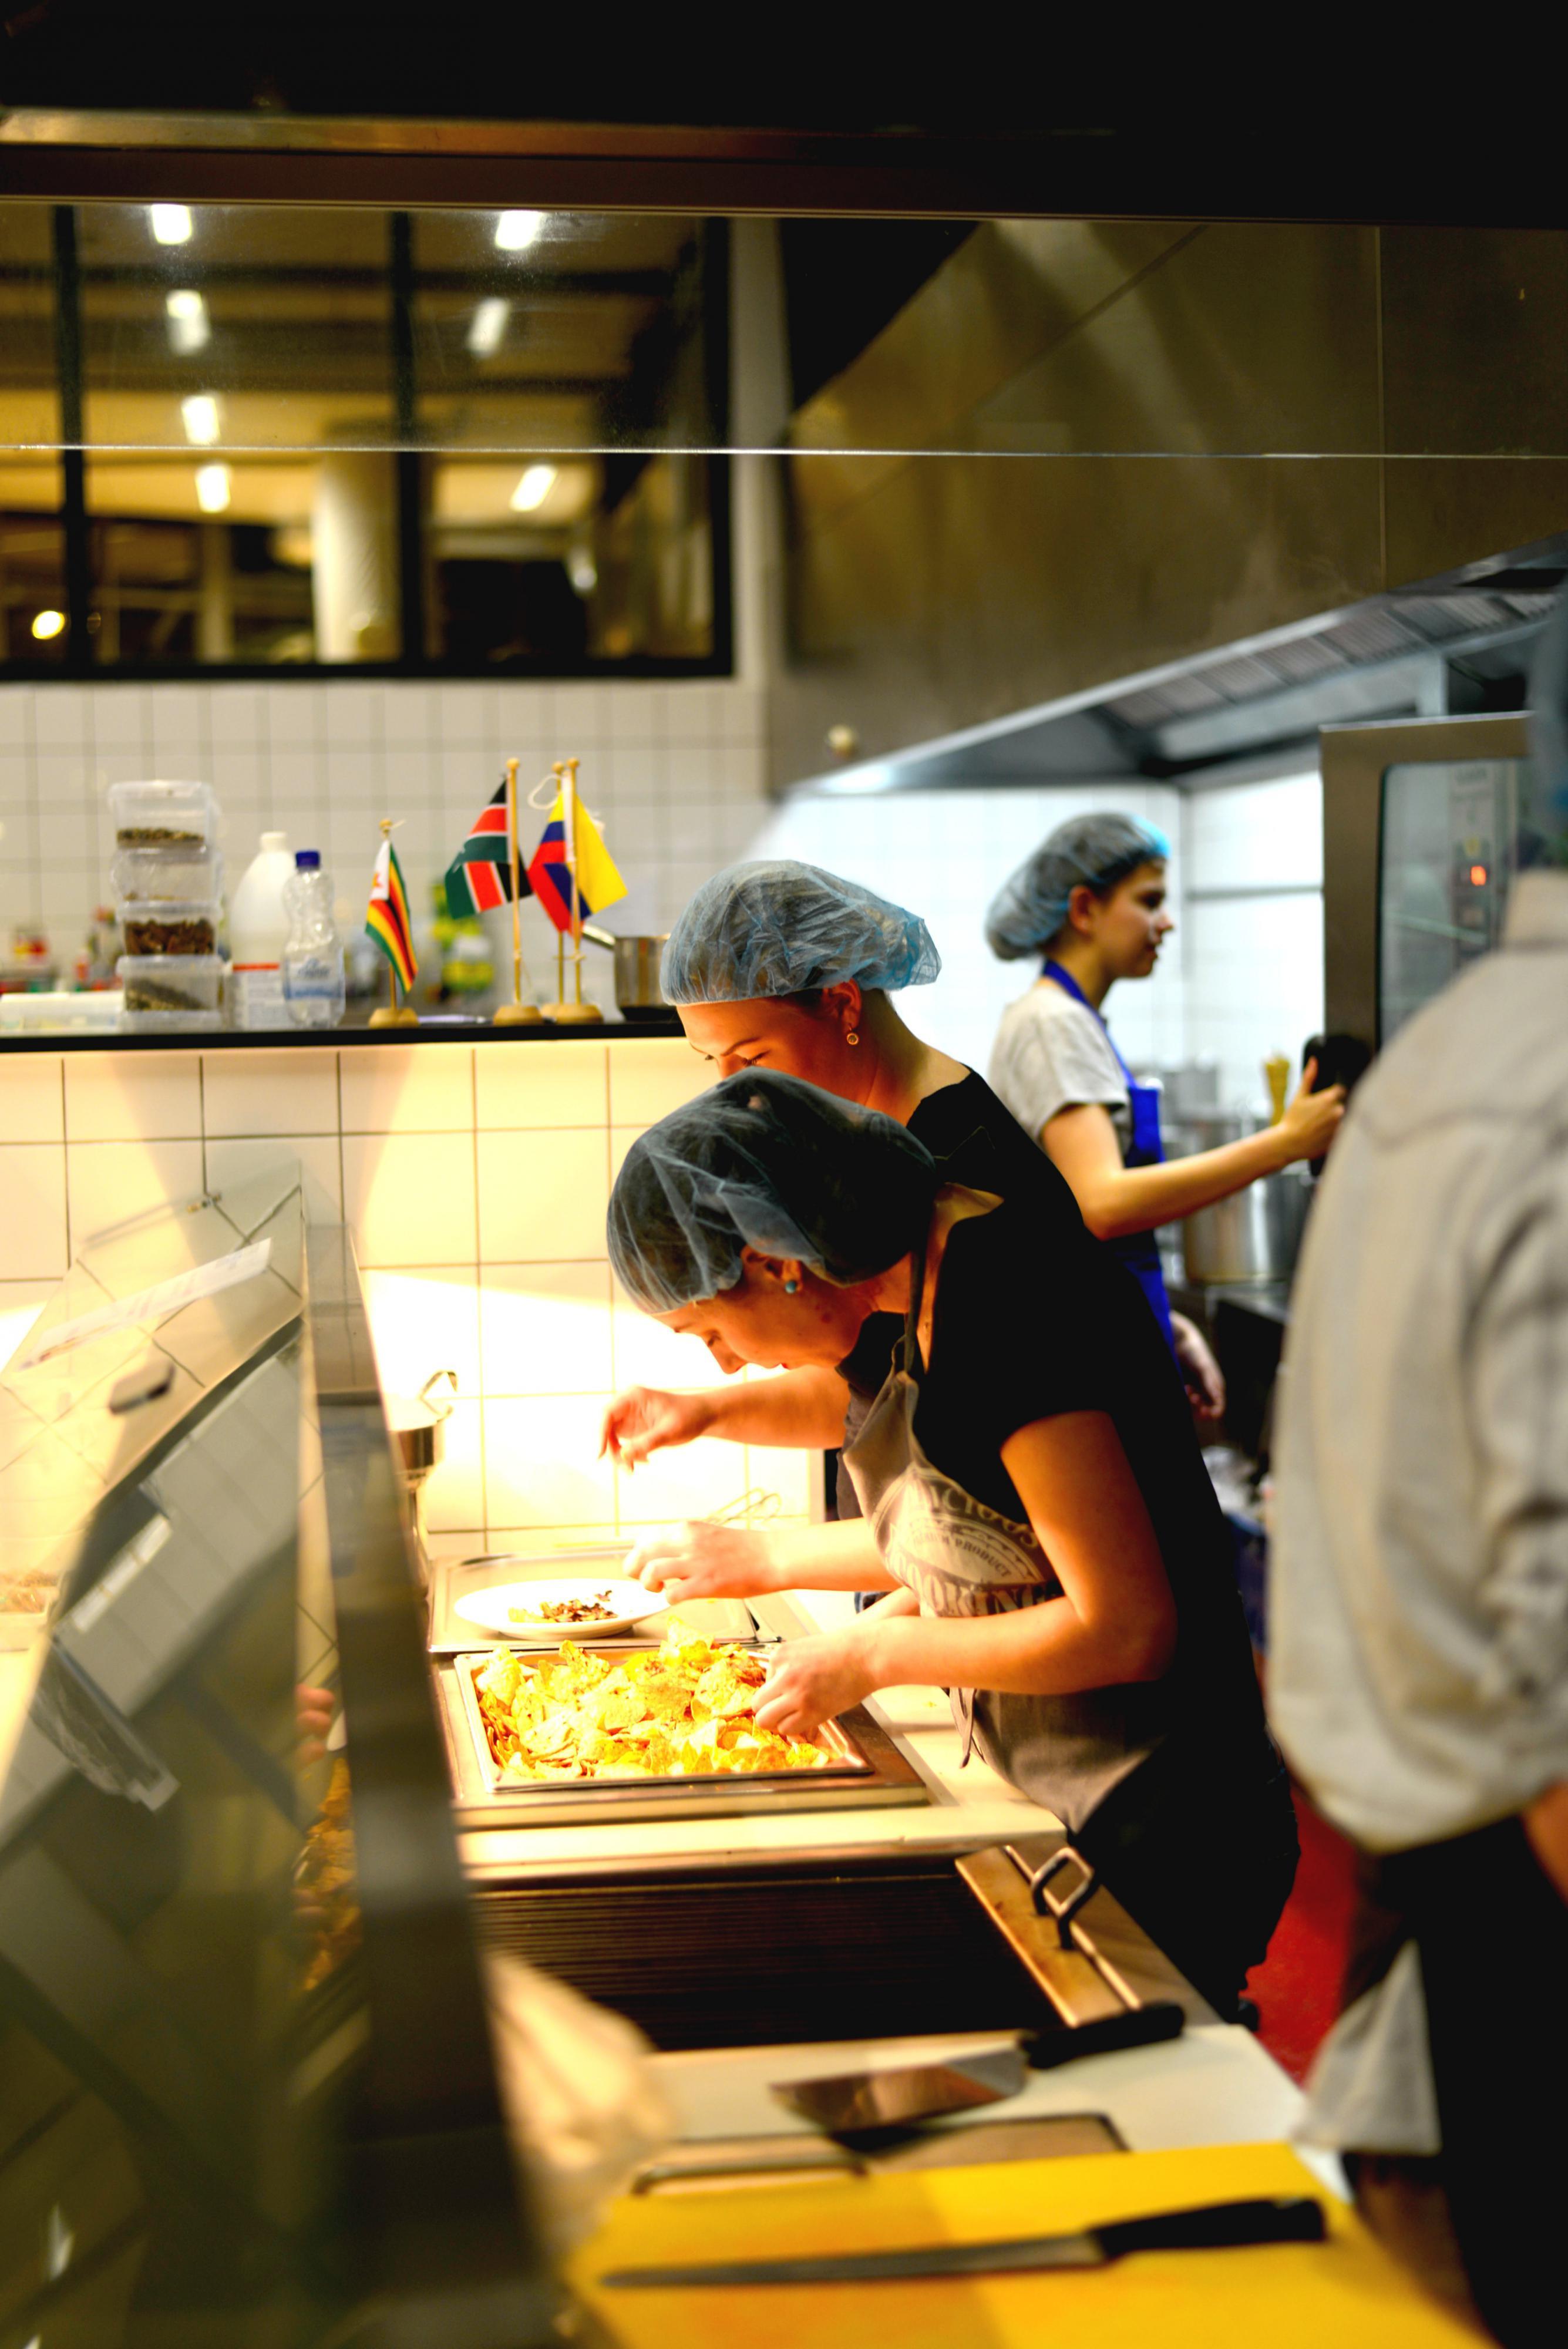 Tot nu toe gaat alles nog goed in de keuken - Happietaria Leiden